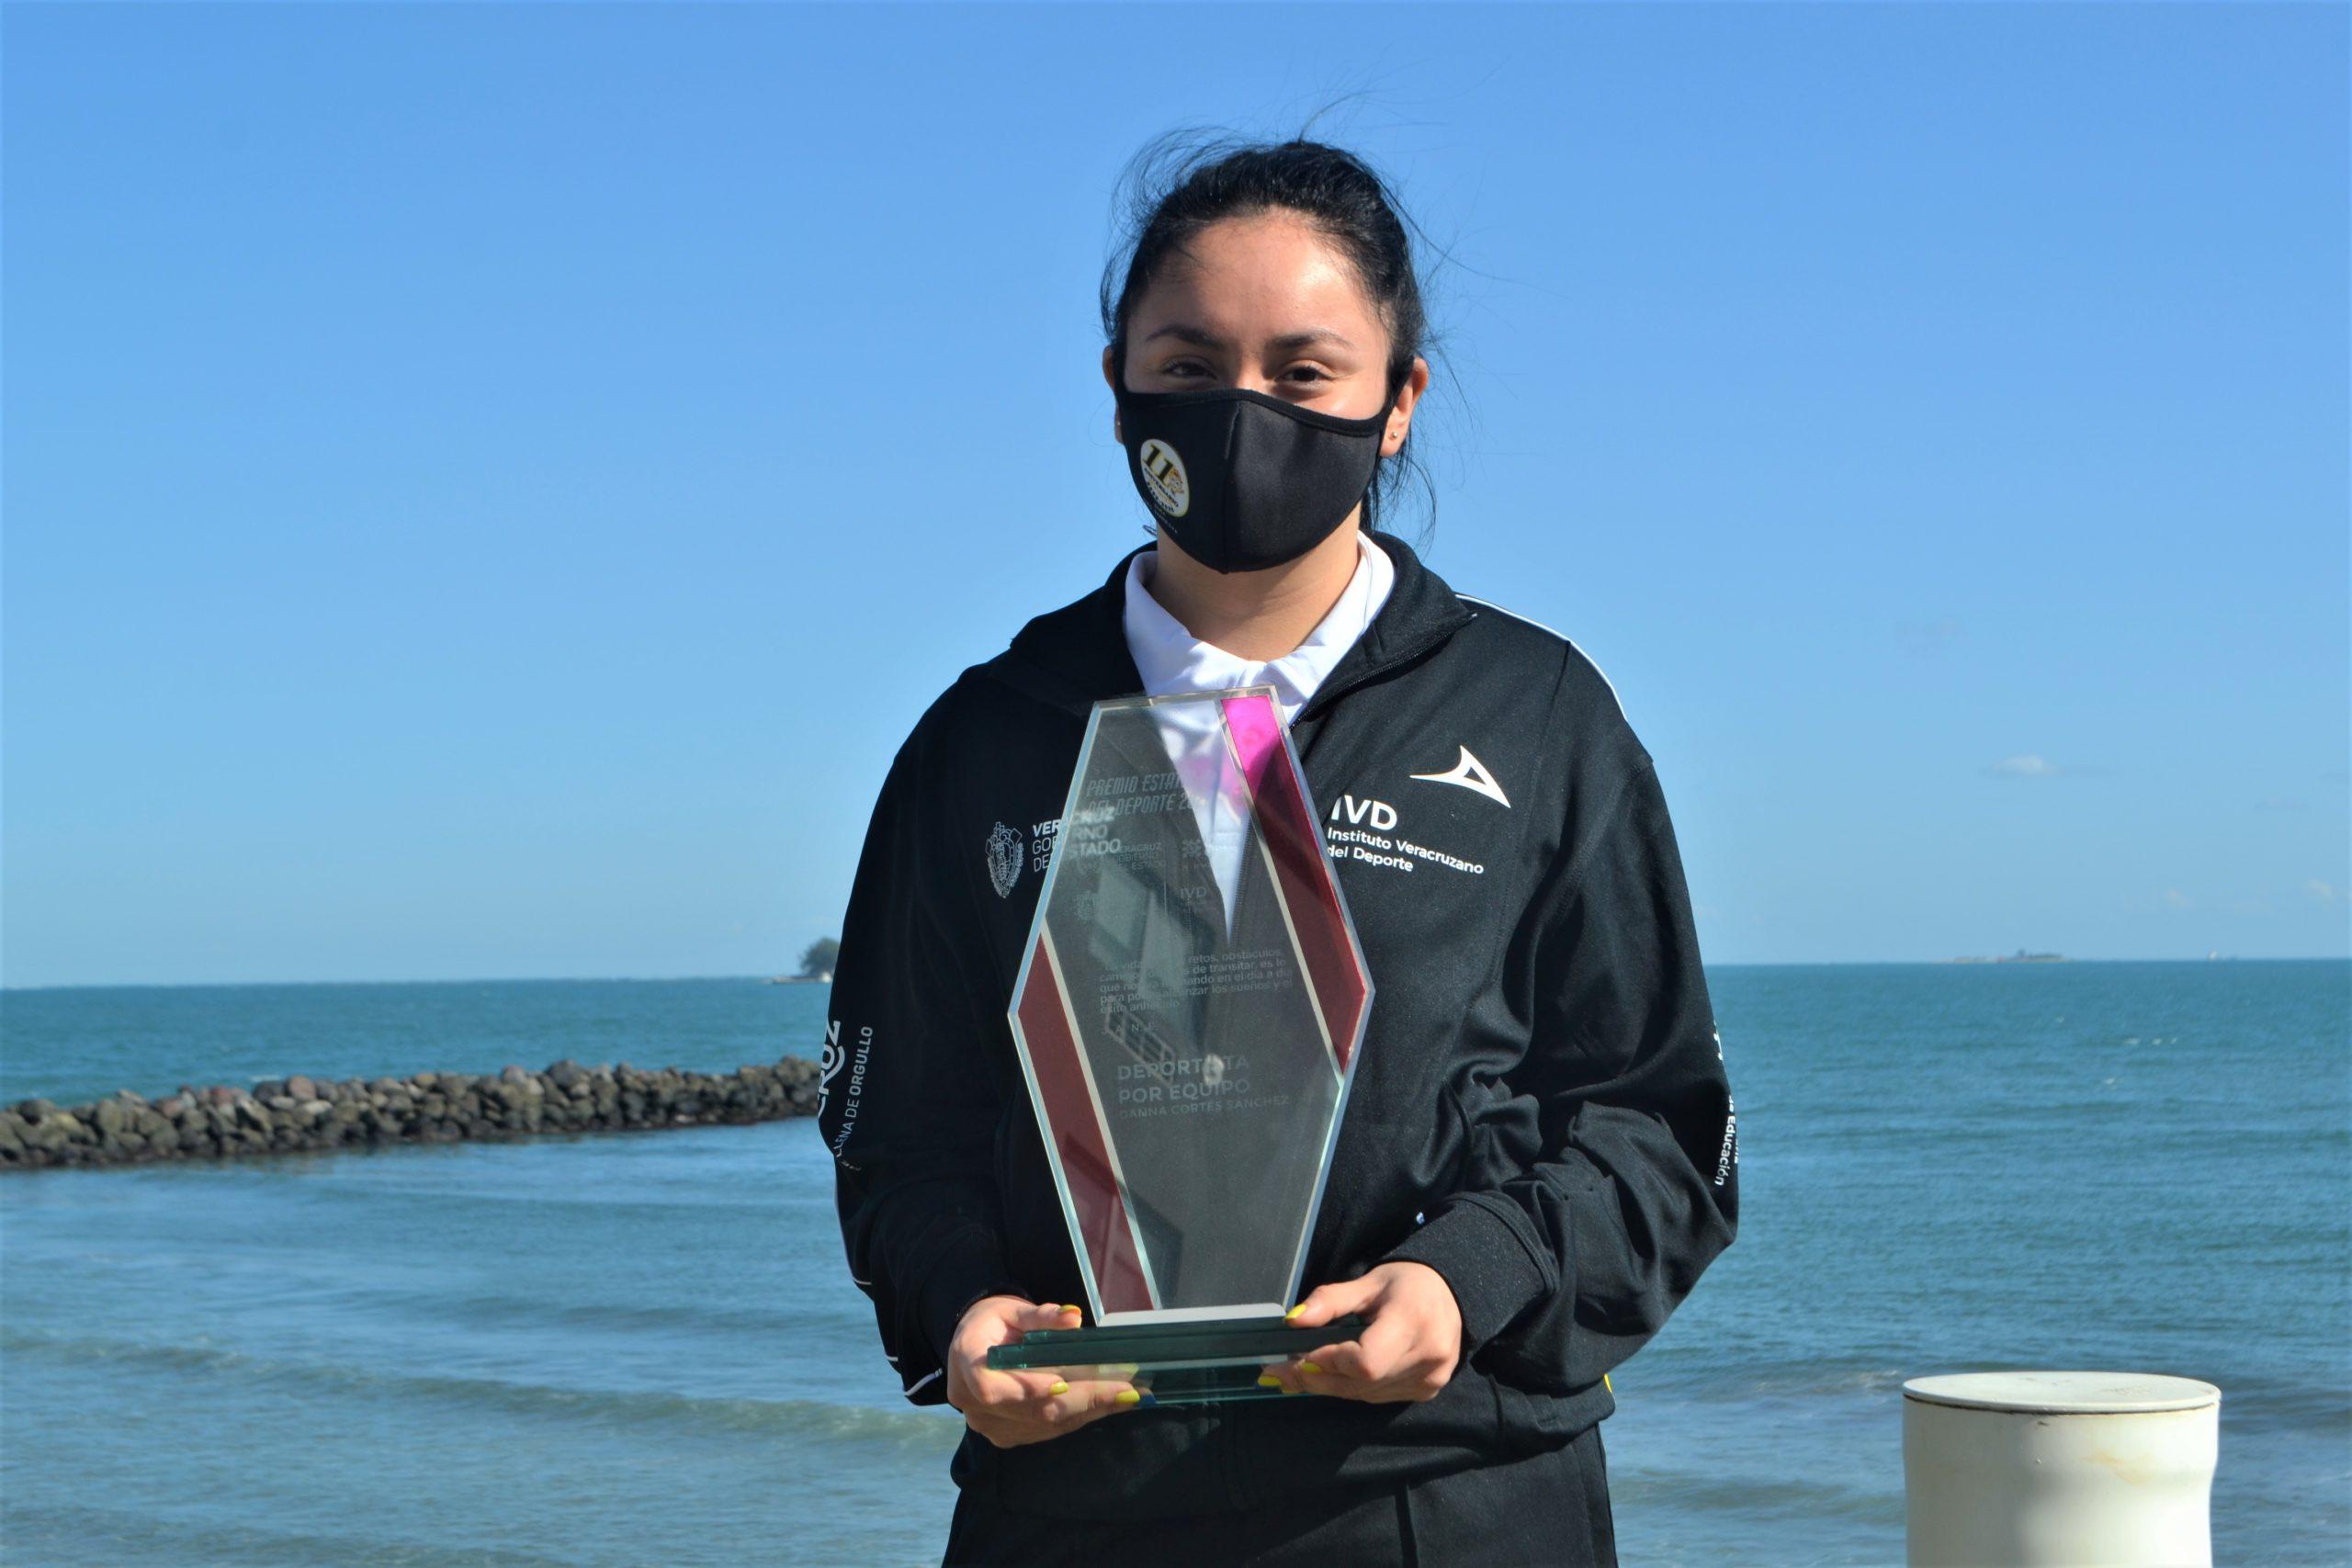 Danna Cortés en la mira de torneos internacionales de playa